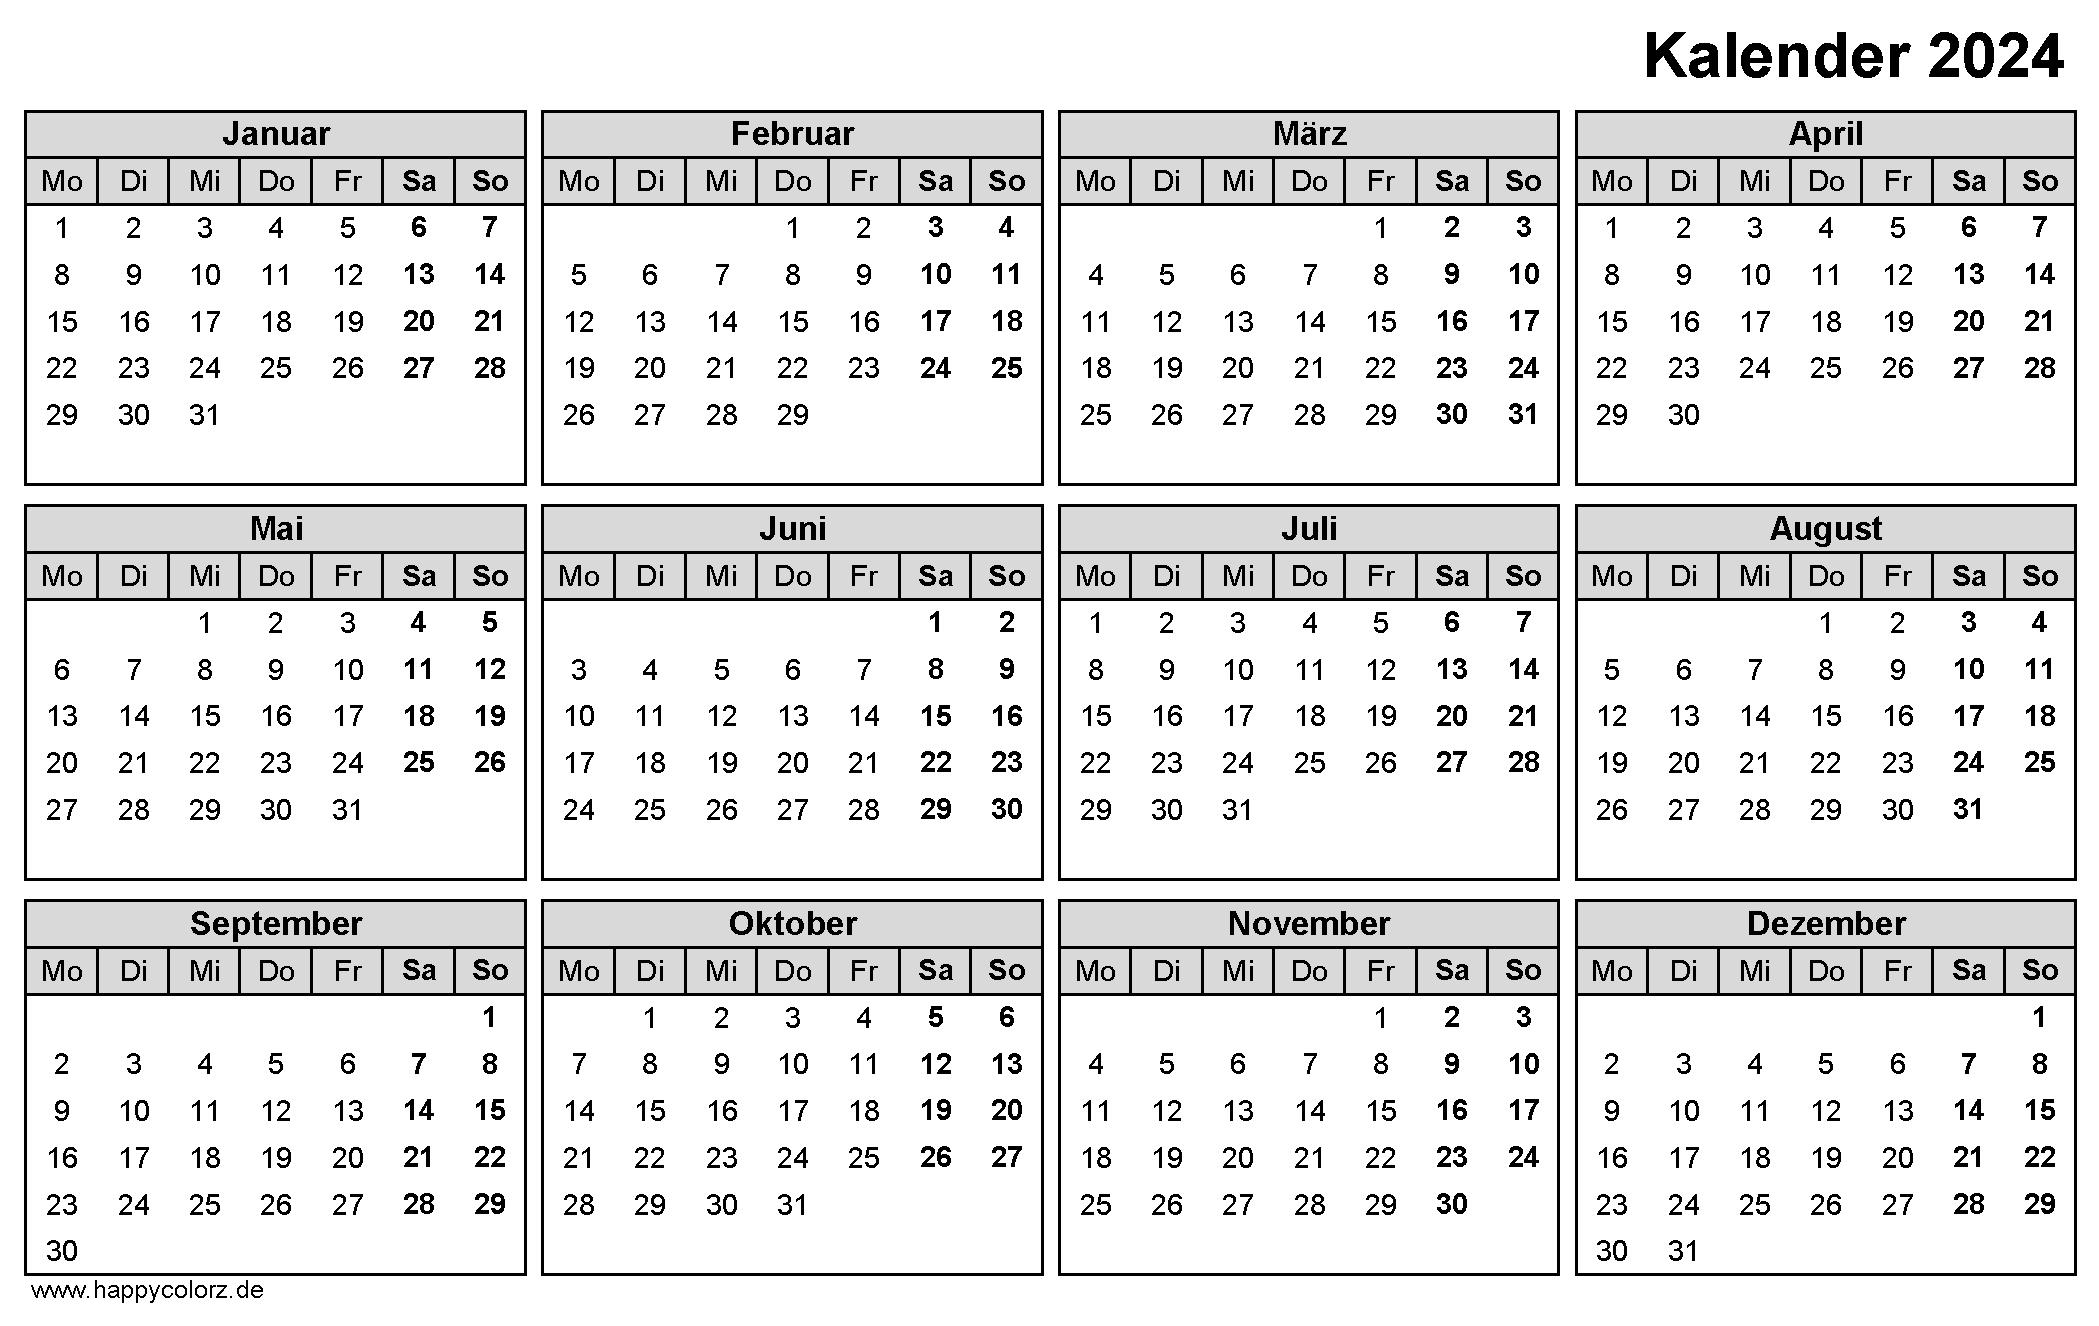 Jahreskalender 2024 zum Ausdrucken